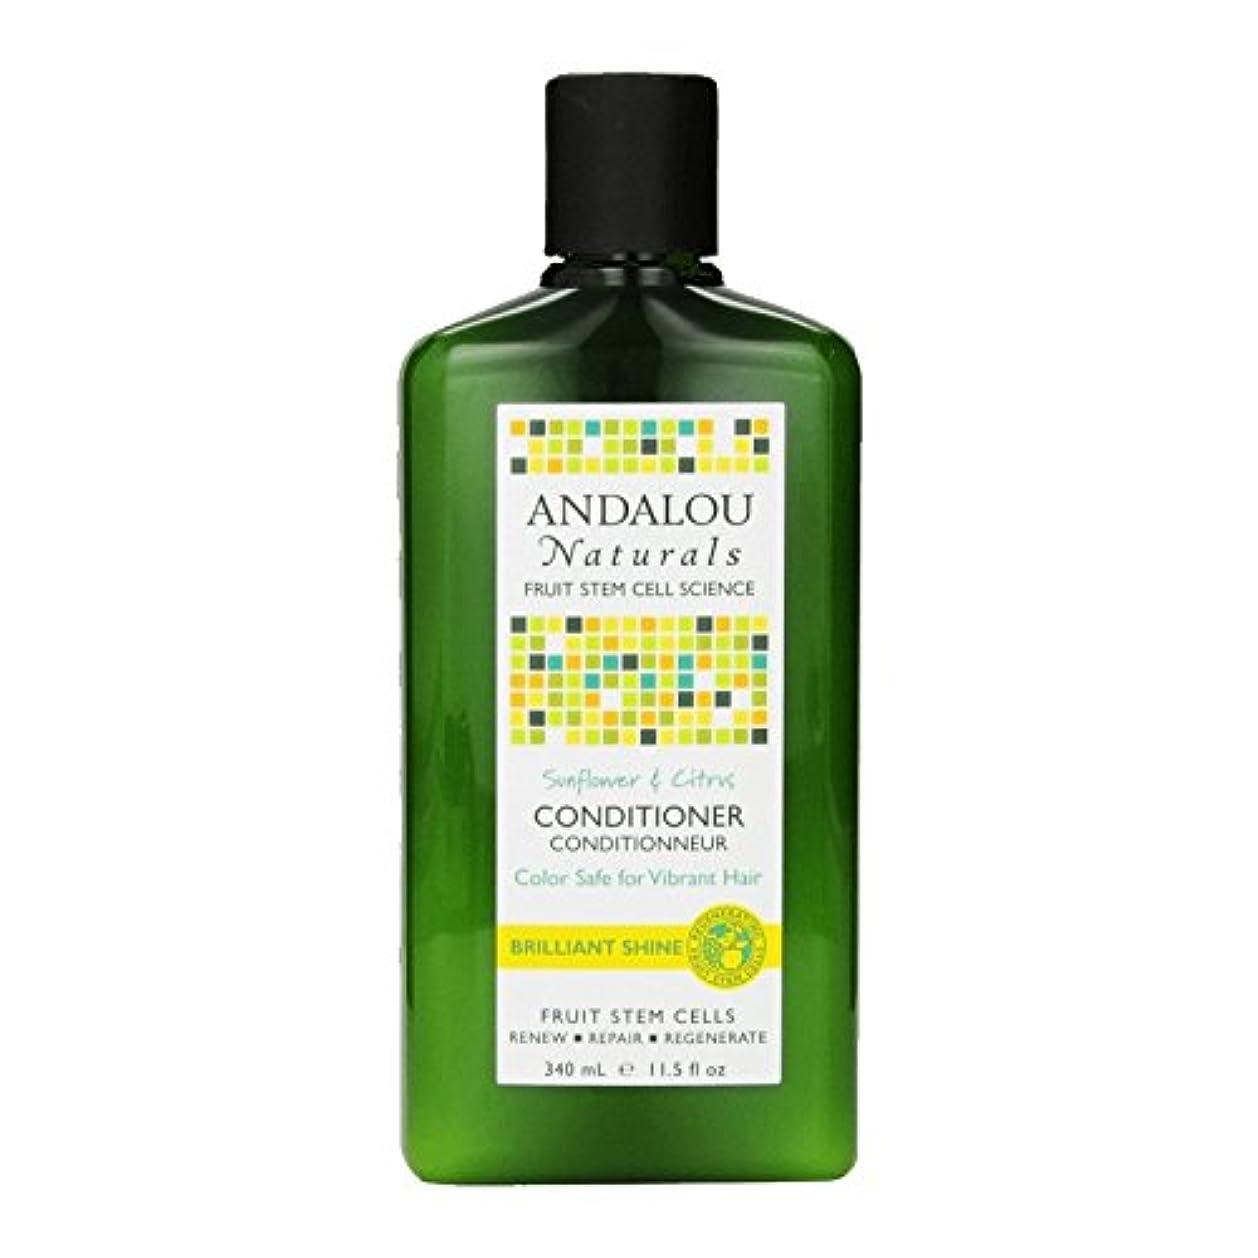 クラス意外地中海Andalou Sunflower & Citrus Brilliant Shine Conditioner 340ml (Pack of 2) - アンダロウひまわり&シトラス鮮やかな輝きコンディショナー340ミリリットル...